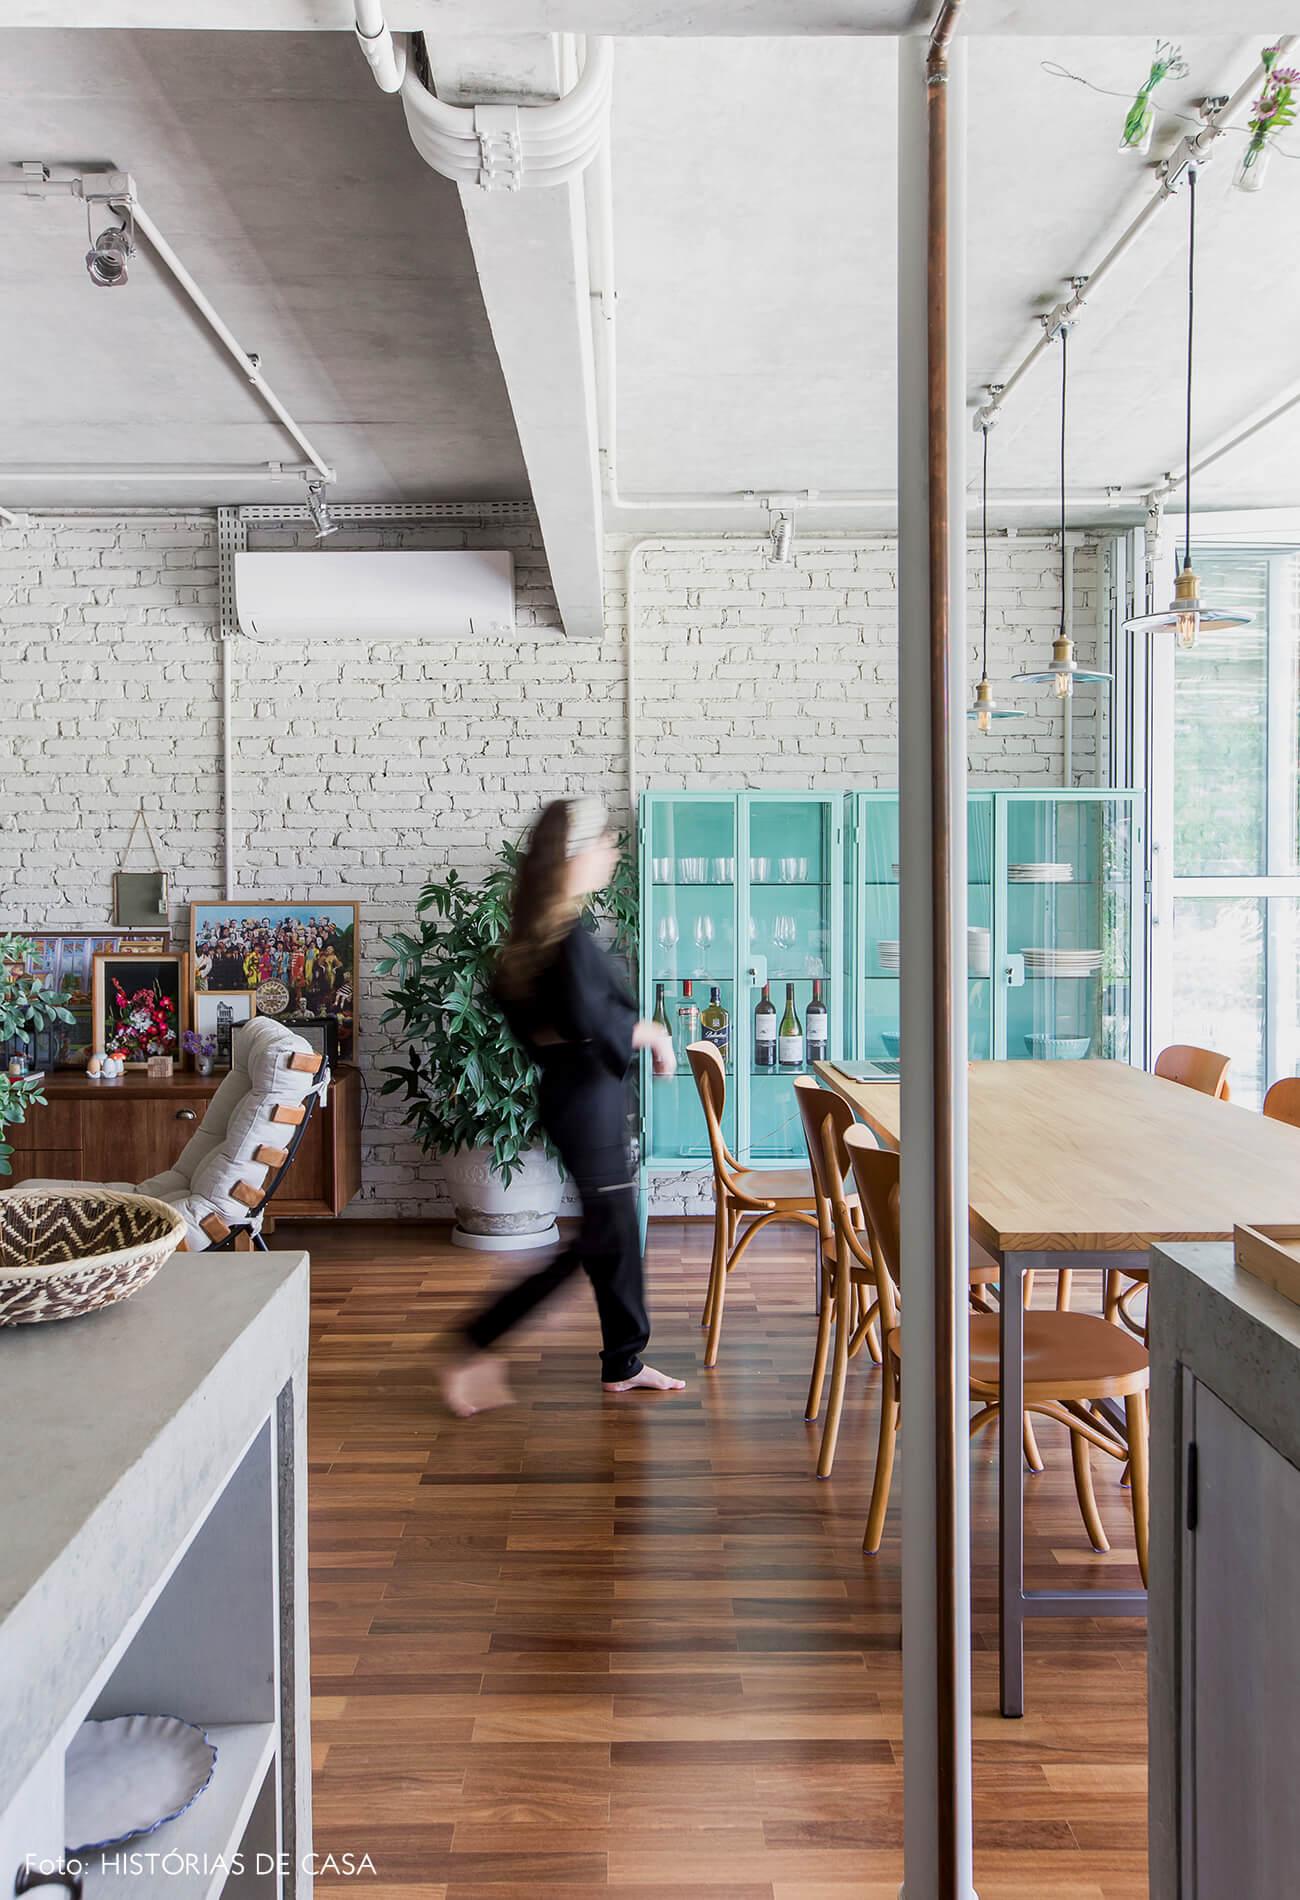 Sala de jantar integrada com paredes de tijolinho e cristaleira colorida